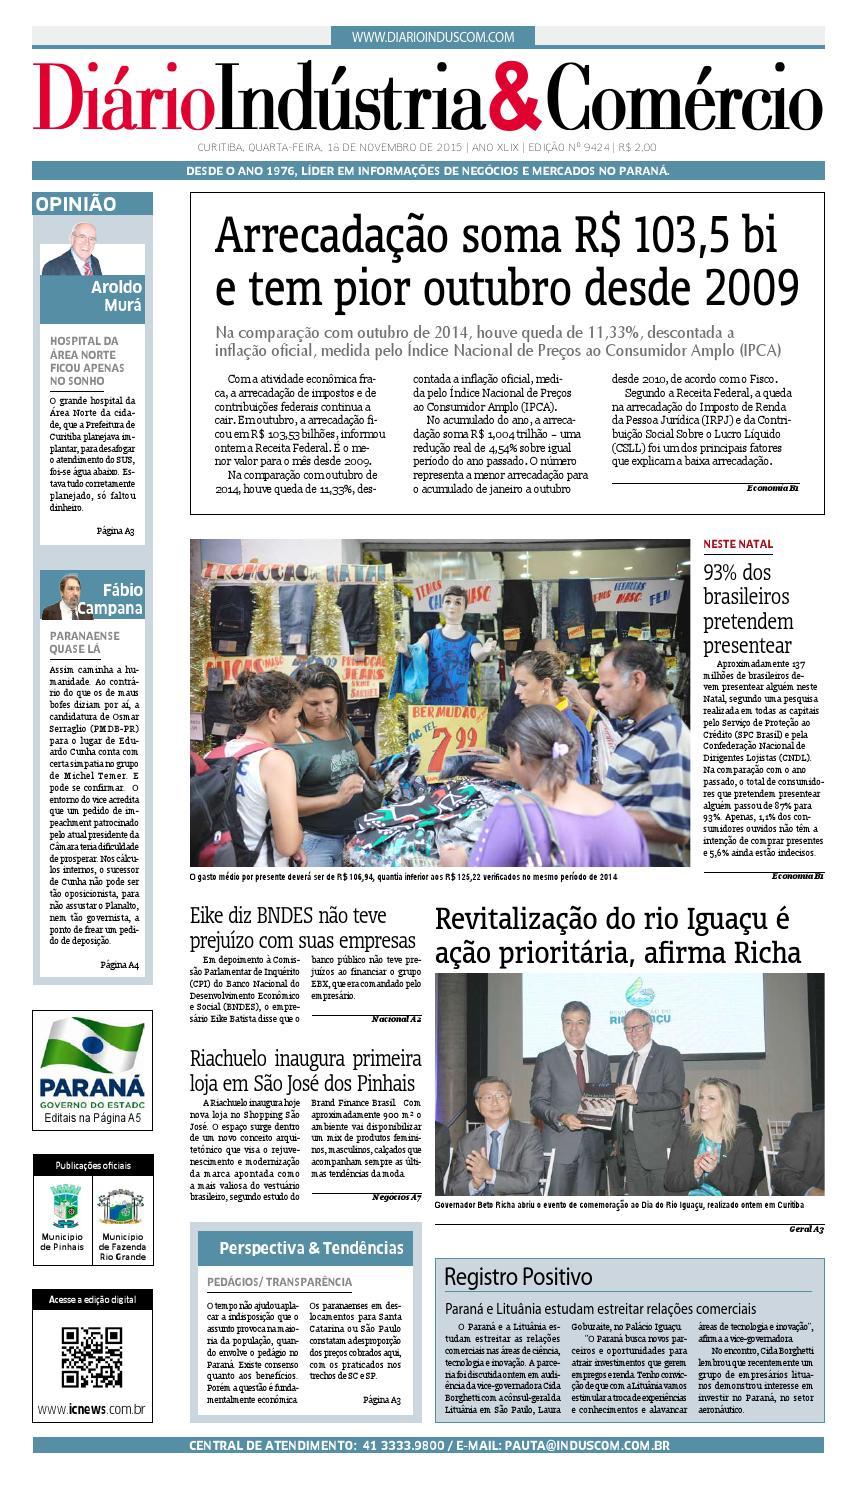 bf3711e9b Diário Indústria Comércio - 18 de novembro de 2015 by Diário Indústria    Comércio - issuu